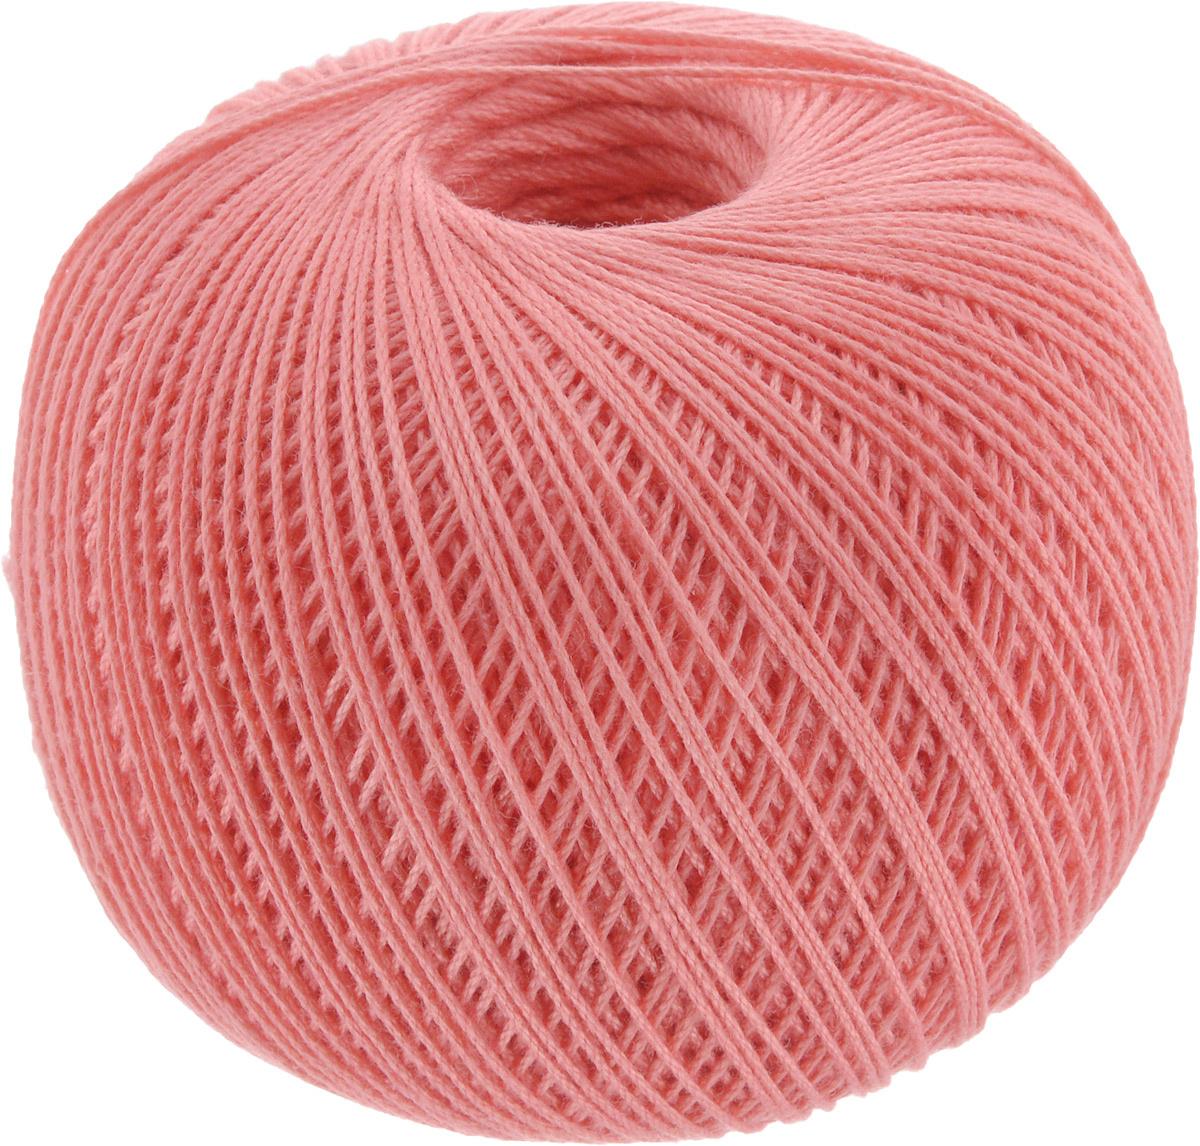 """Нитки вязальные """"Роза"""", хлопчатобумажные, цвет: кораллово-розовый (1012), 320 м, 50 г, 6 шт  #1"""